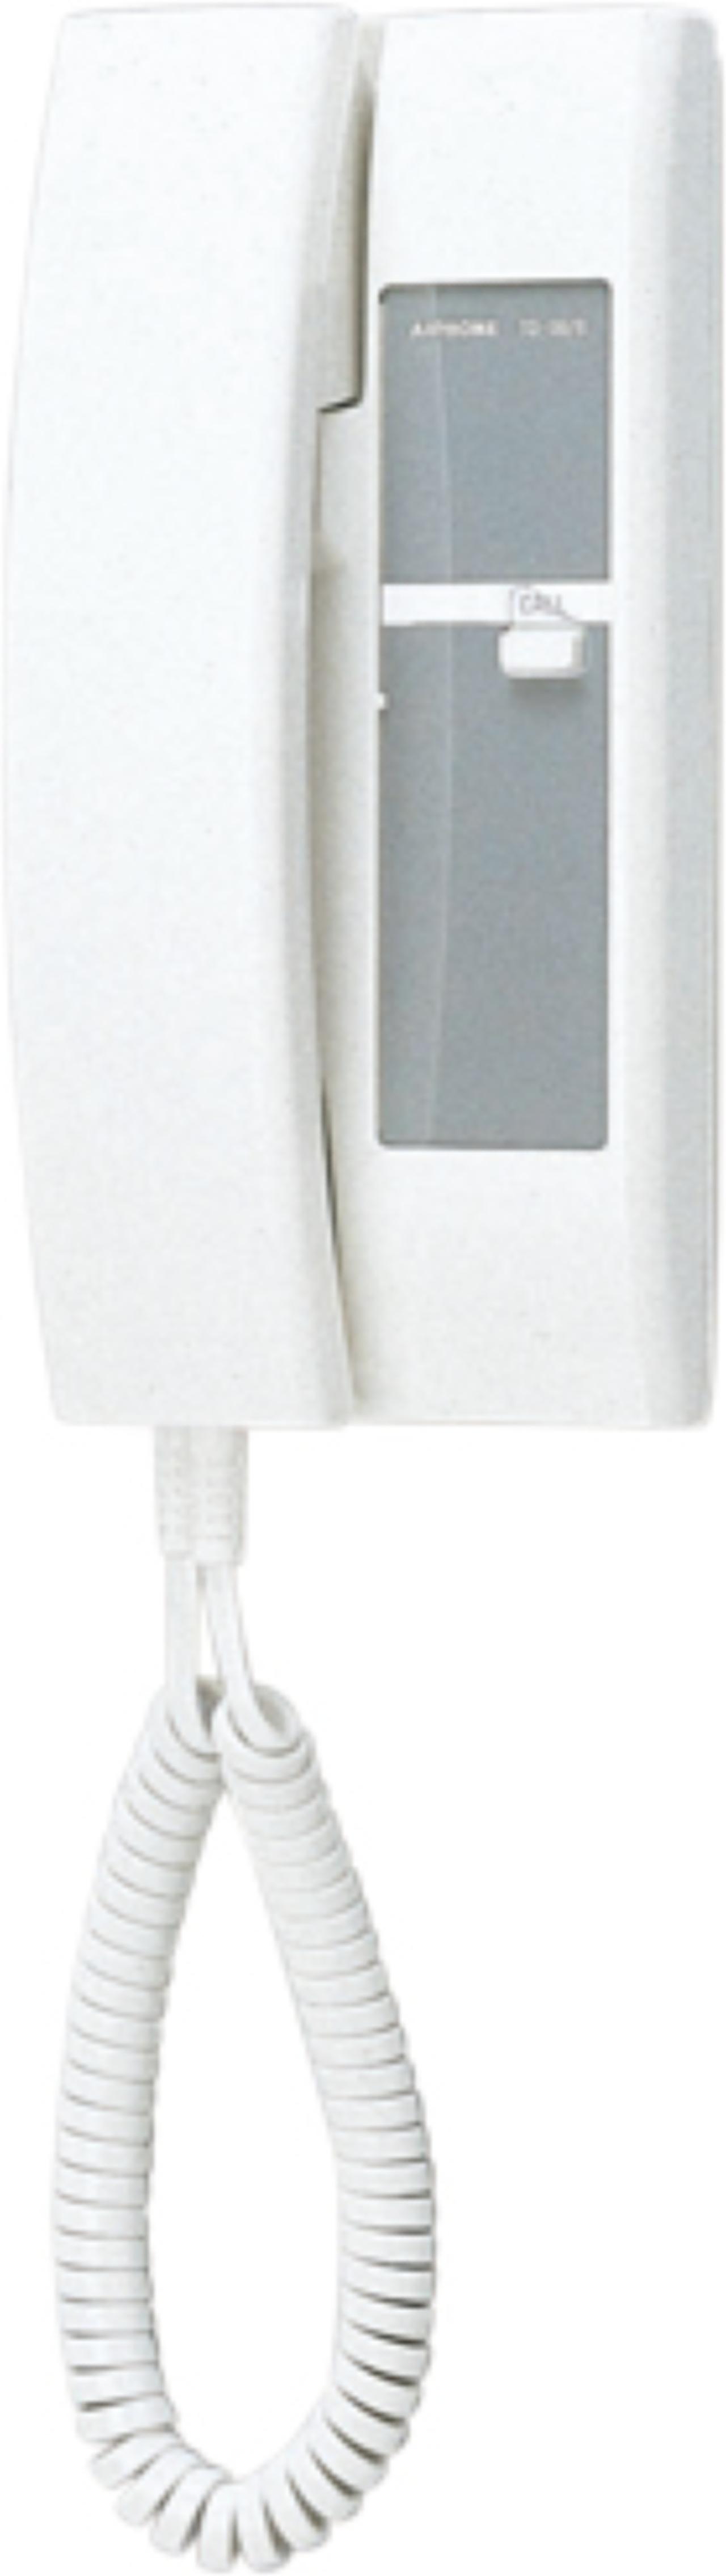 aiphone gf1dk 1 bouton commande combin/é